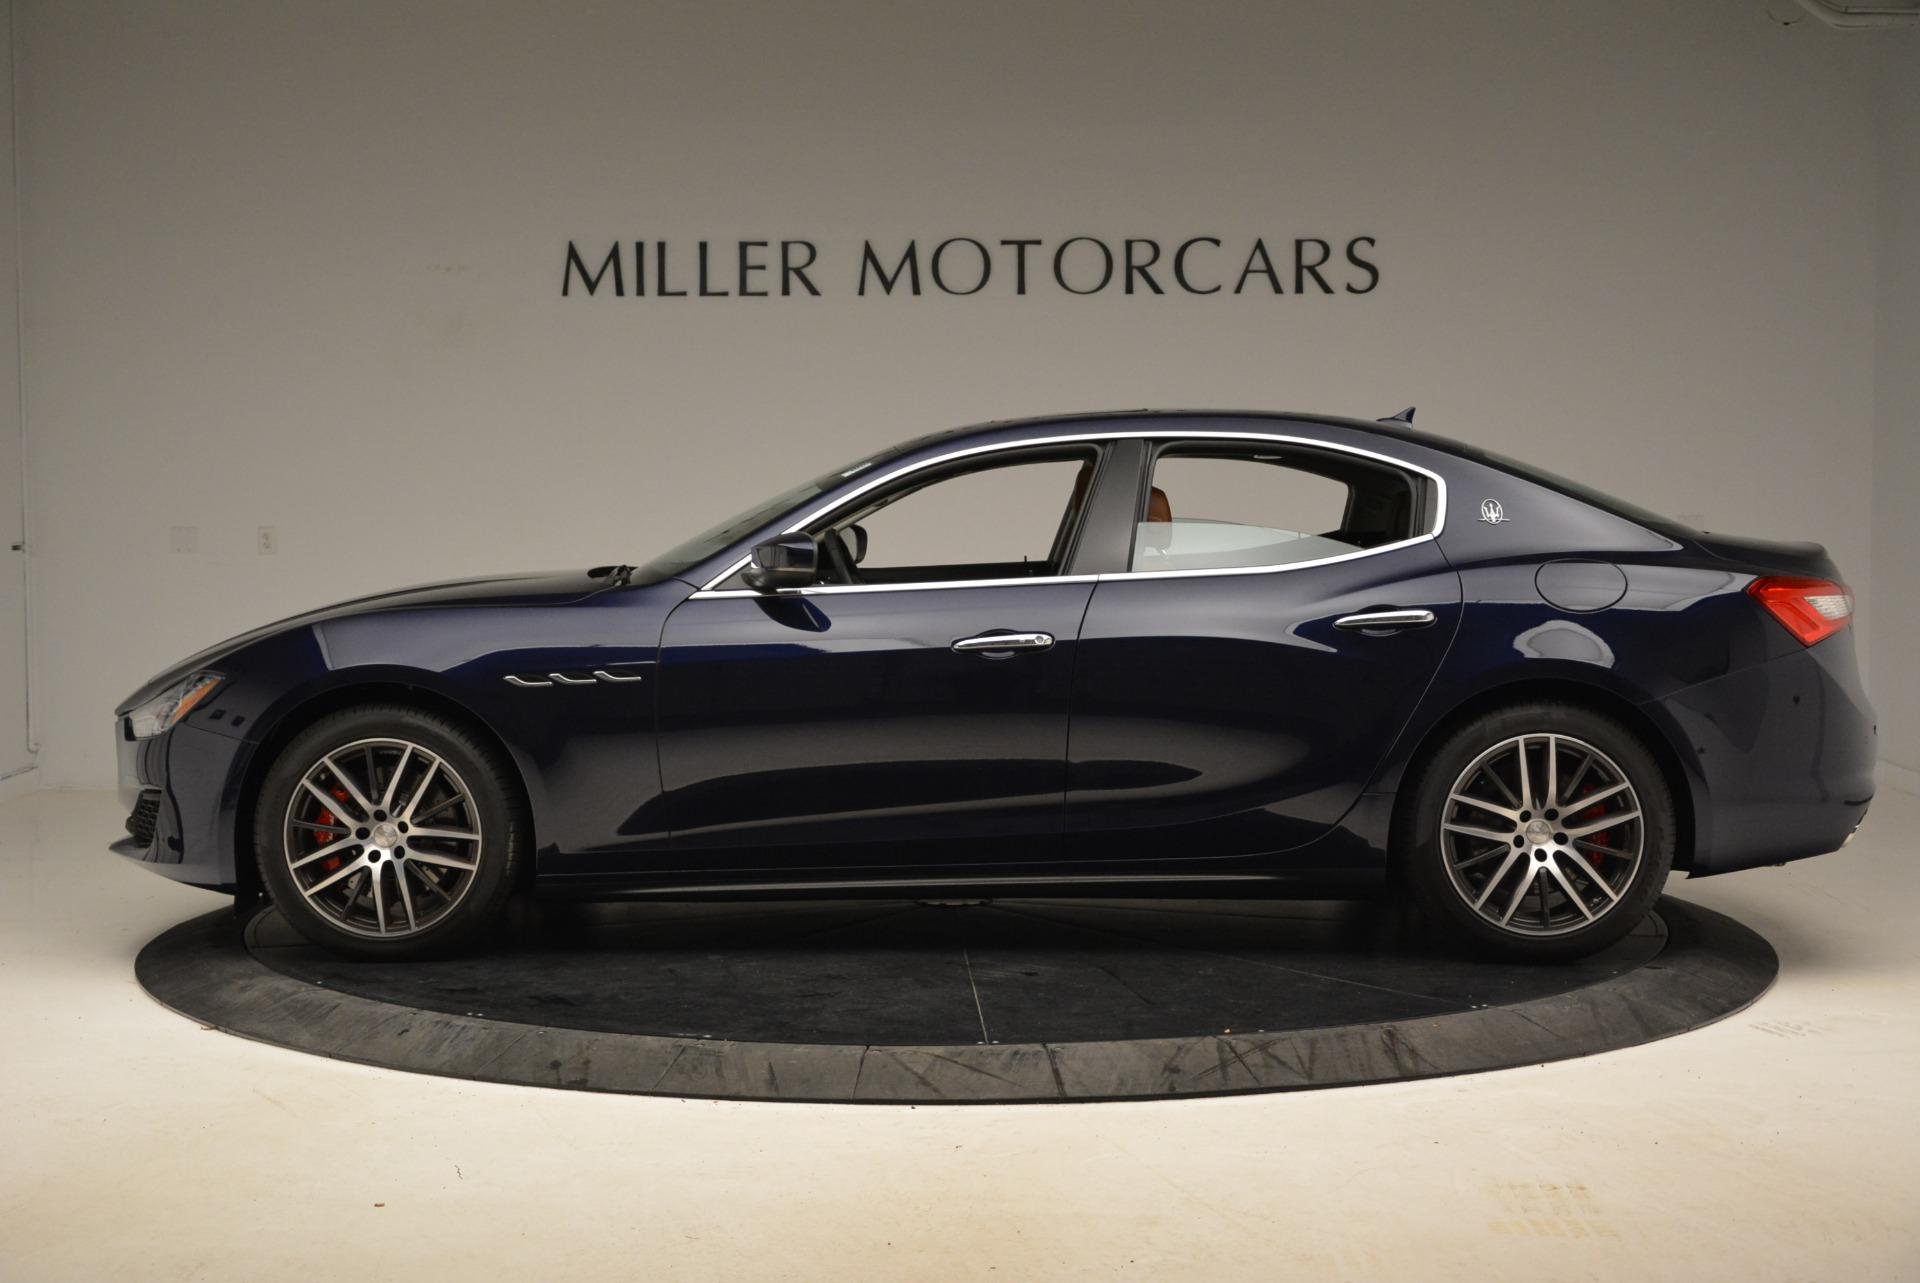 New 2019 Maserati Ghibli S Q4 For Sale In Greenwich, CT 2801_p3